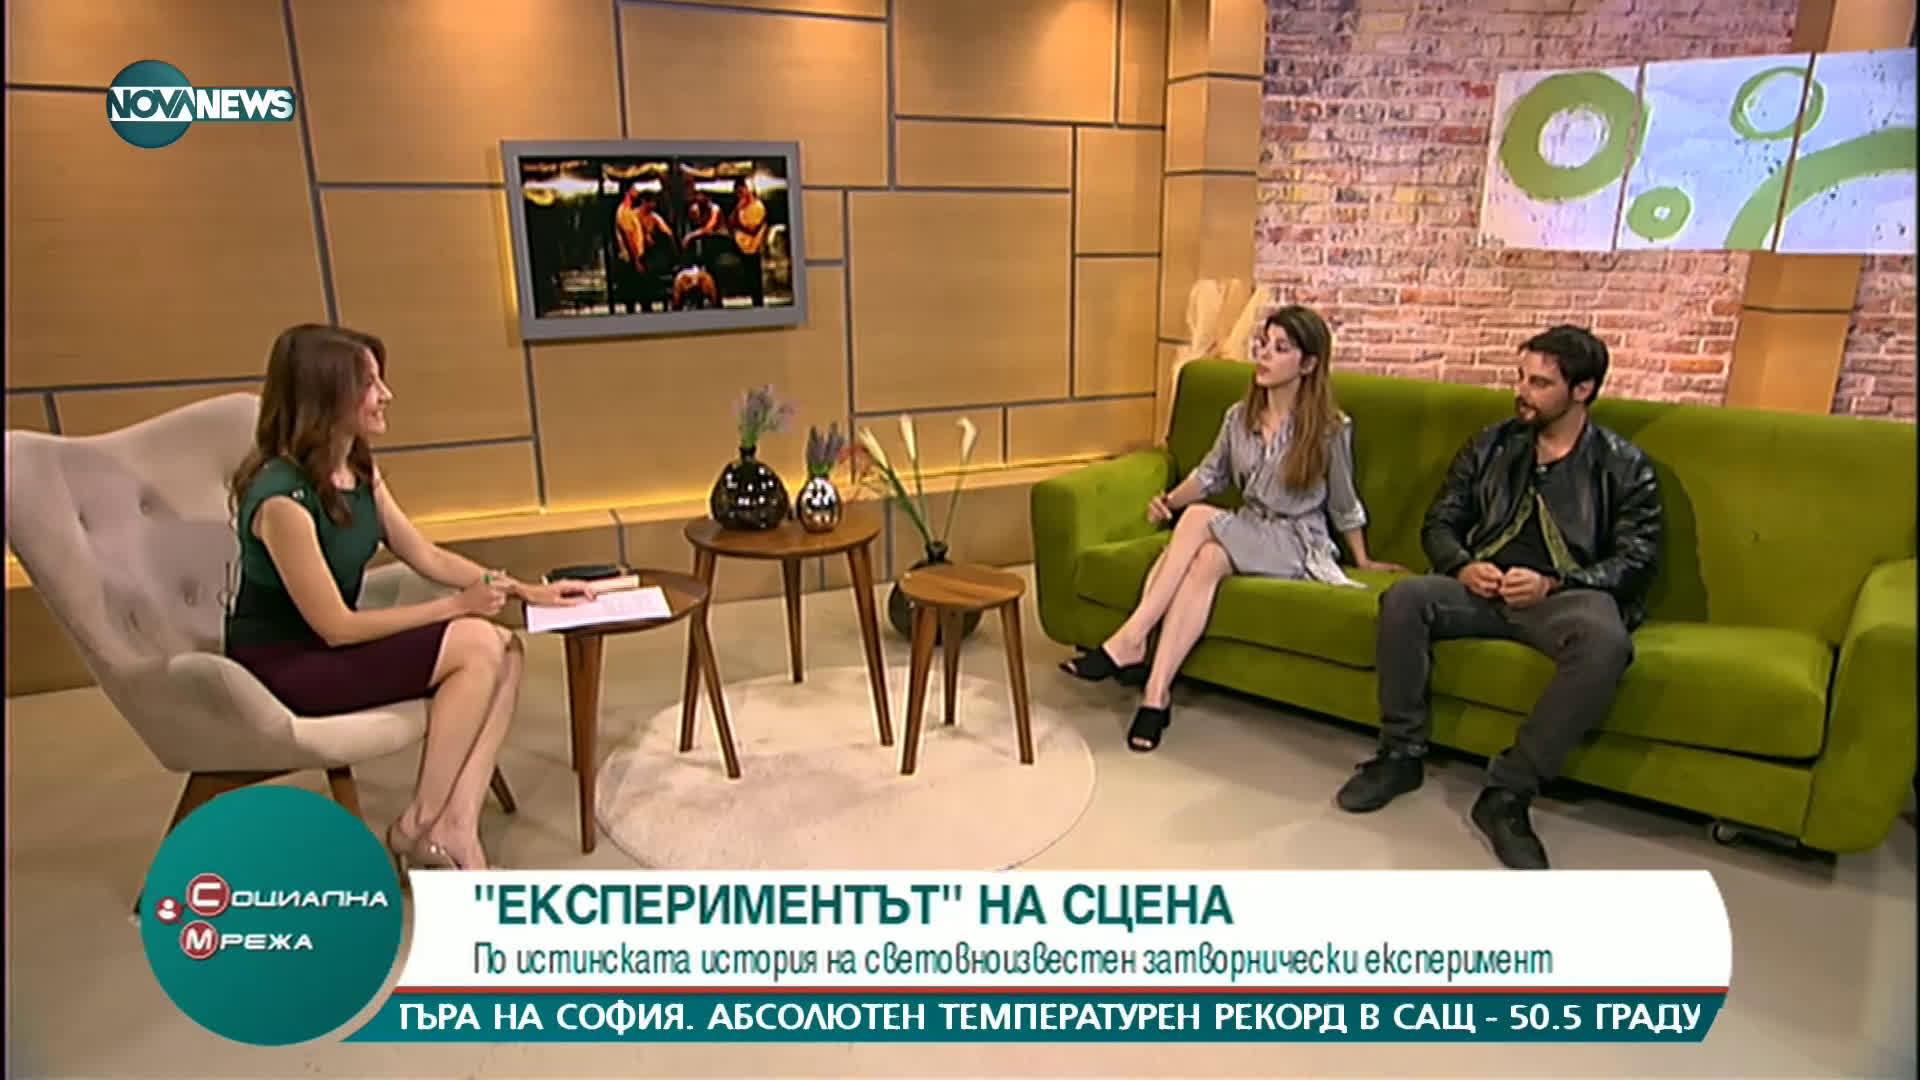 """""""Социална мрежа"""": Българи със спектакъл по затворнически експеримент"""